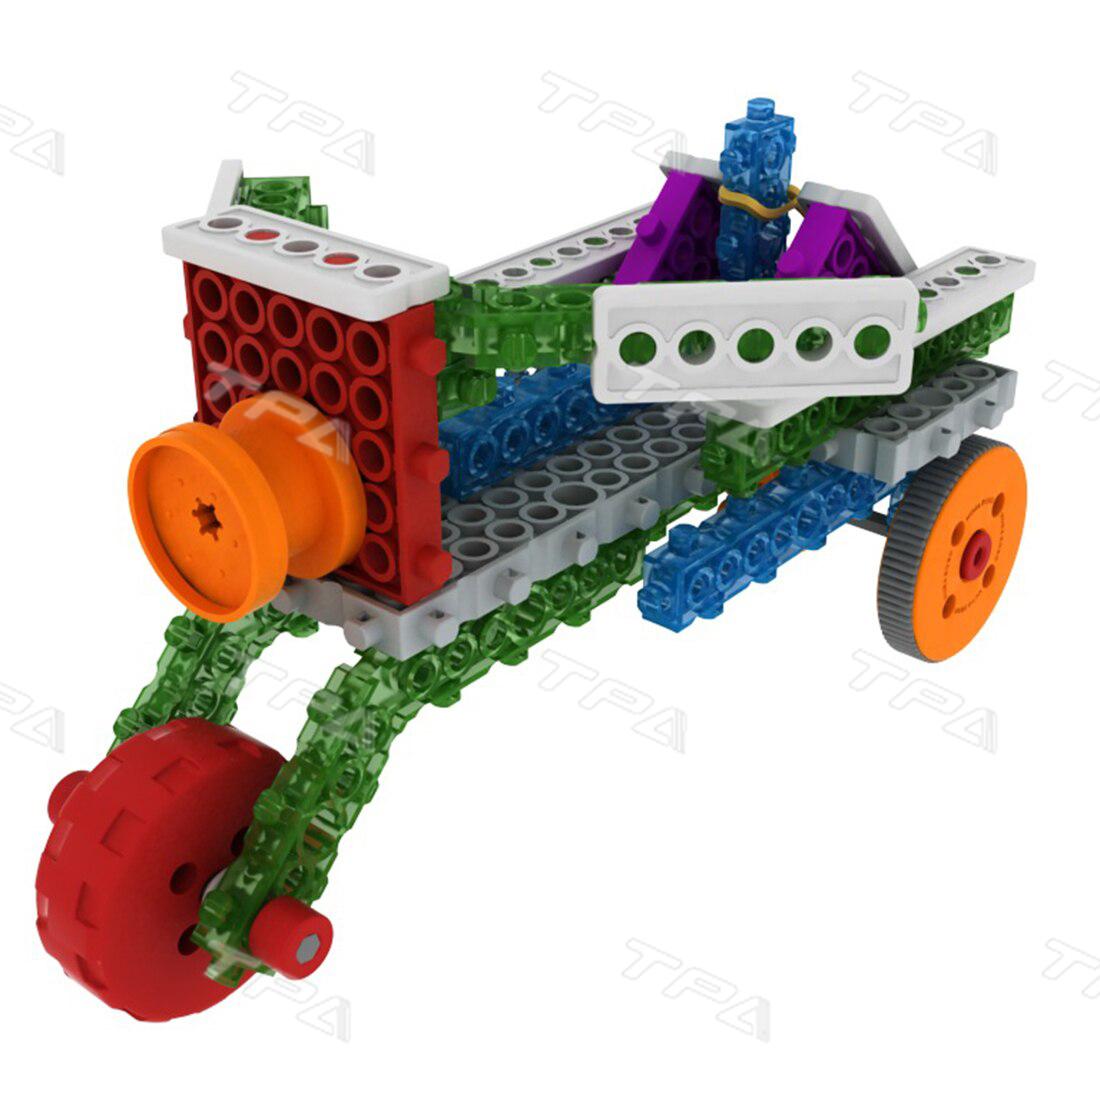 đồ chơi sáng tạo